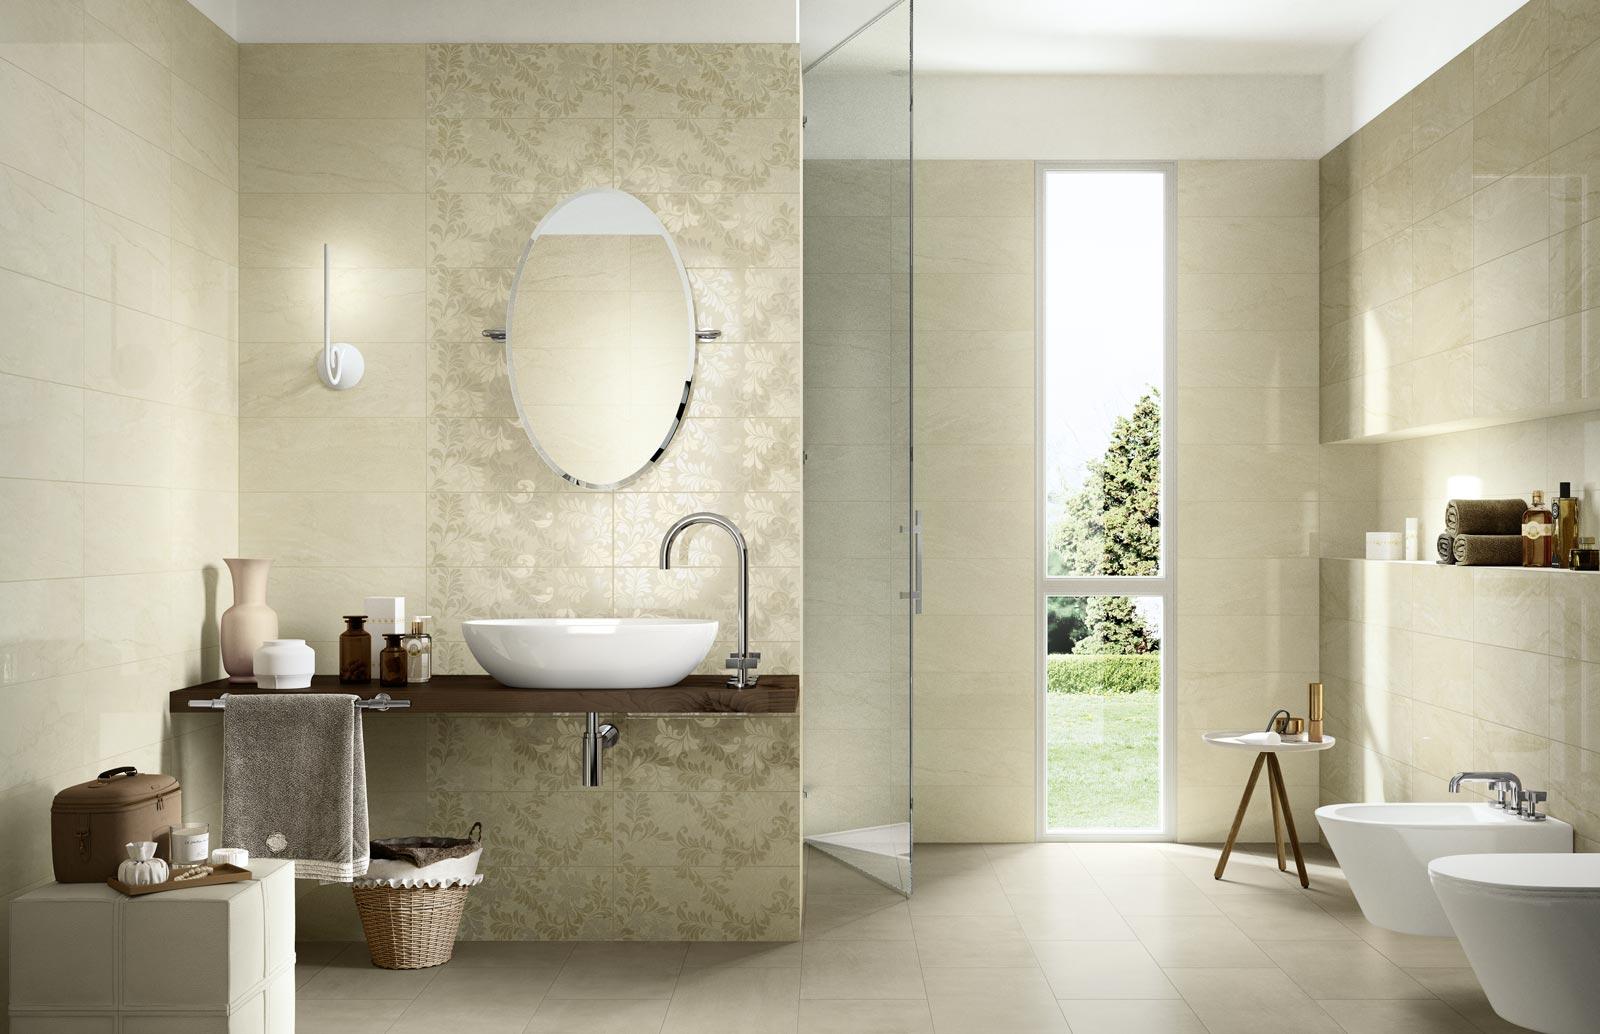 Collezione grace piastrelle in ceramica per il tuo bagno - Piastrelle in ceramica ...